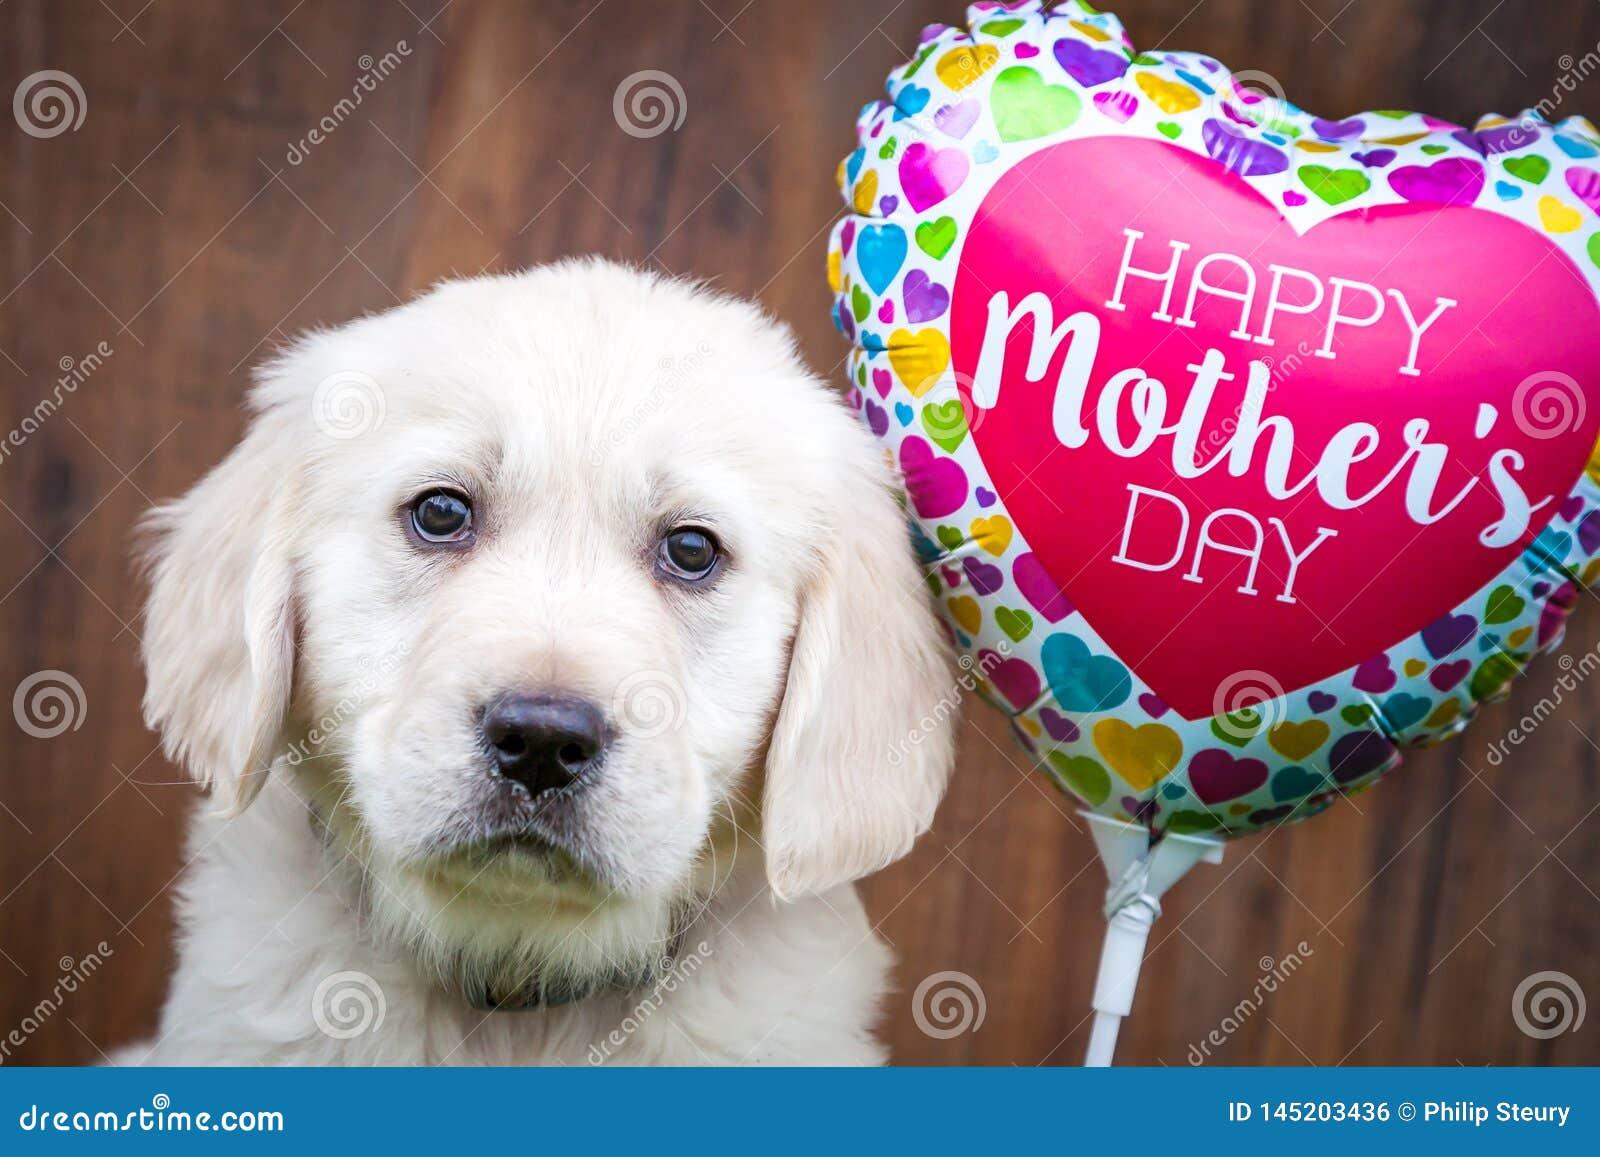 Χρυσό Retriever κουτάβι την ημέρα της μητέρας